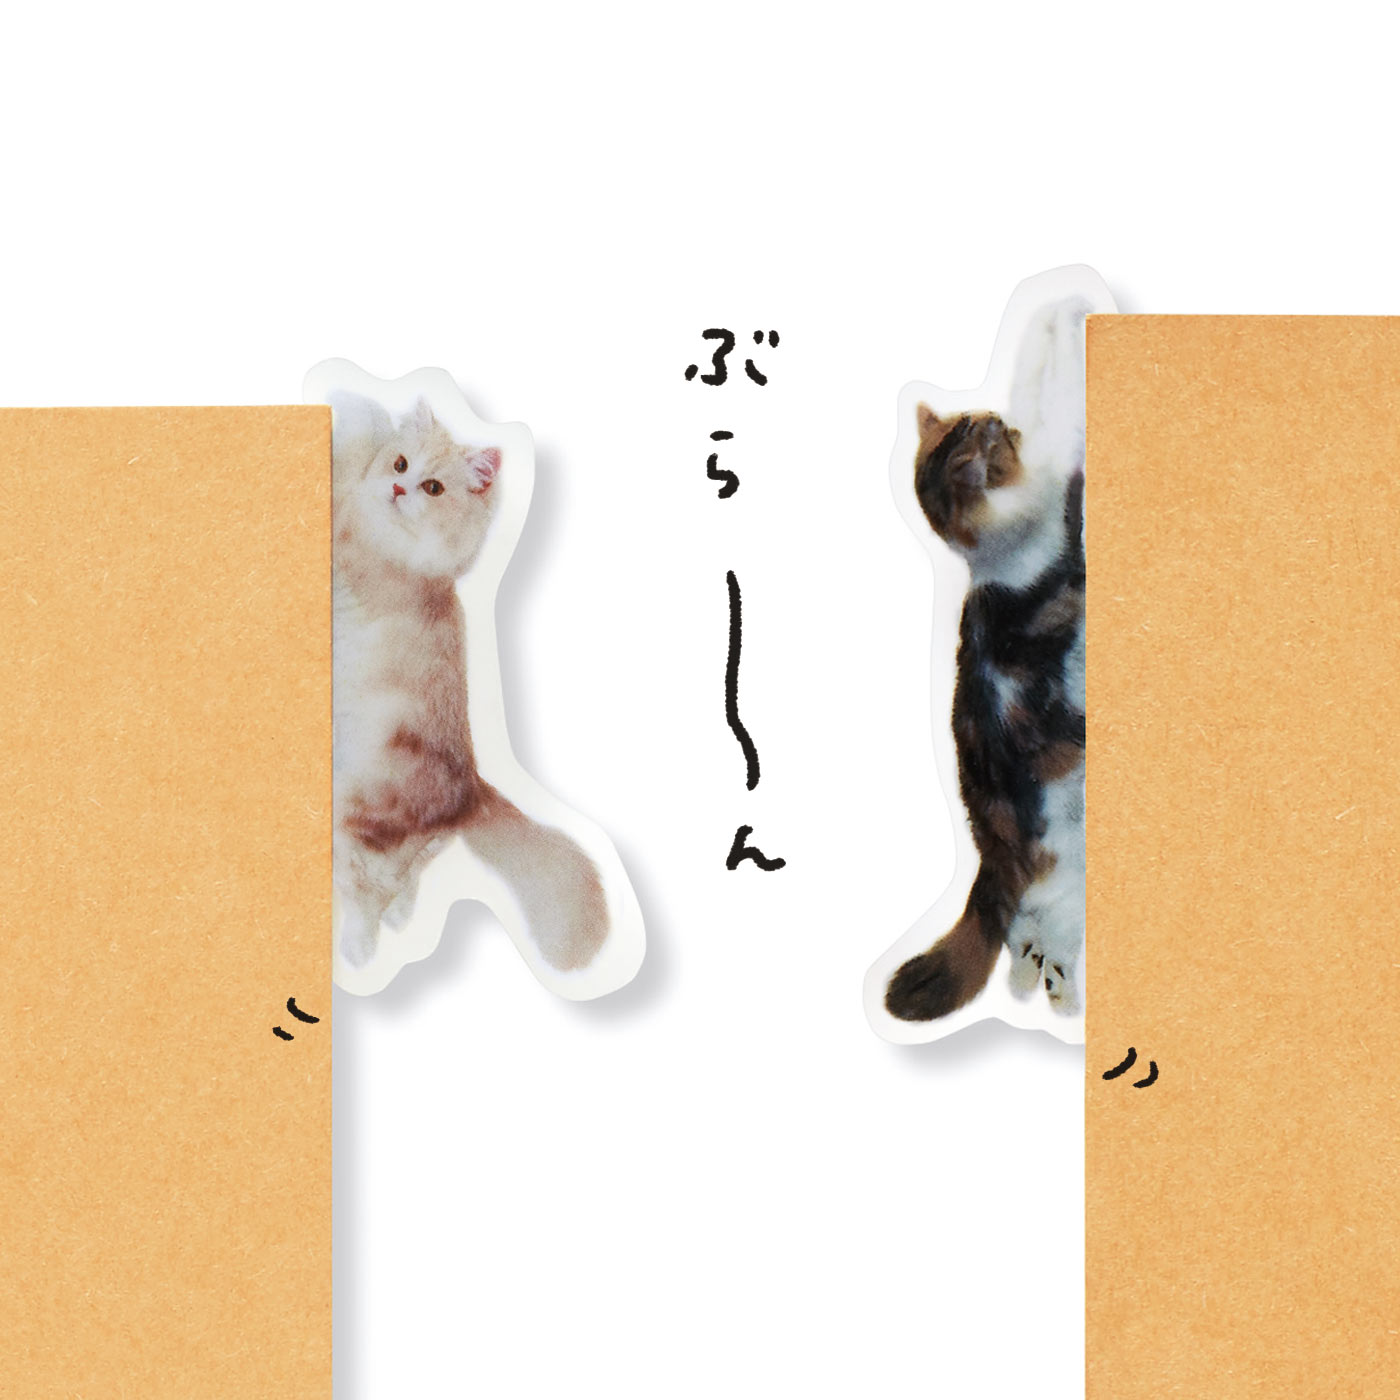 まわりで遊ぶ猫 パート1には無かったぶら下がるポーズの猫さんも。